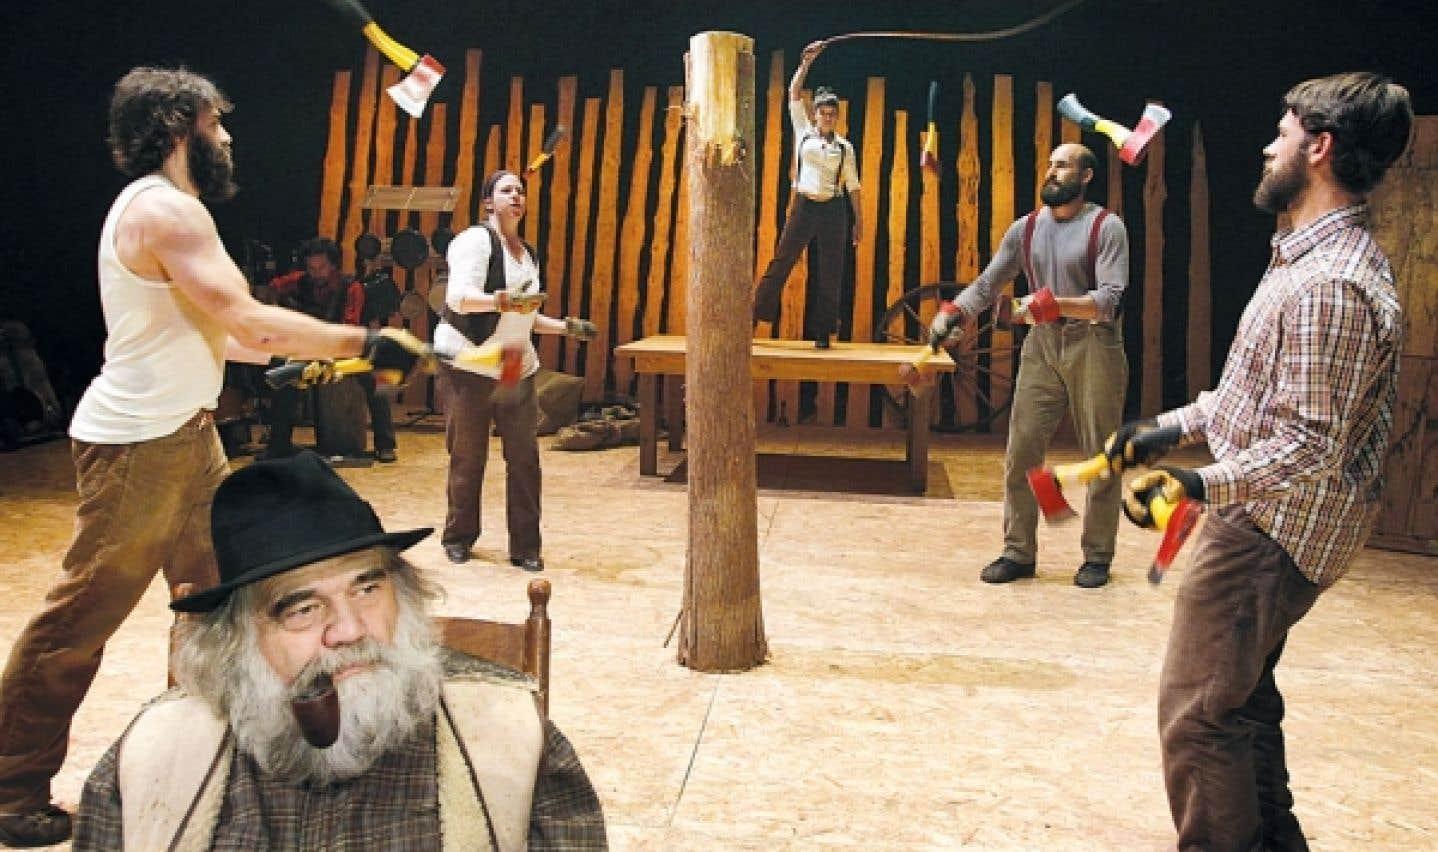 Gros party de famille sur scène avec le Cirque Alfonse et leur Timber !, un cirque 100 % terroir québécois dont l'action se déroule au cœur d'un camp de bûcherons.